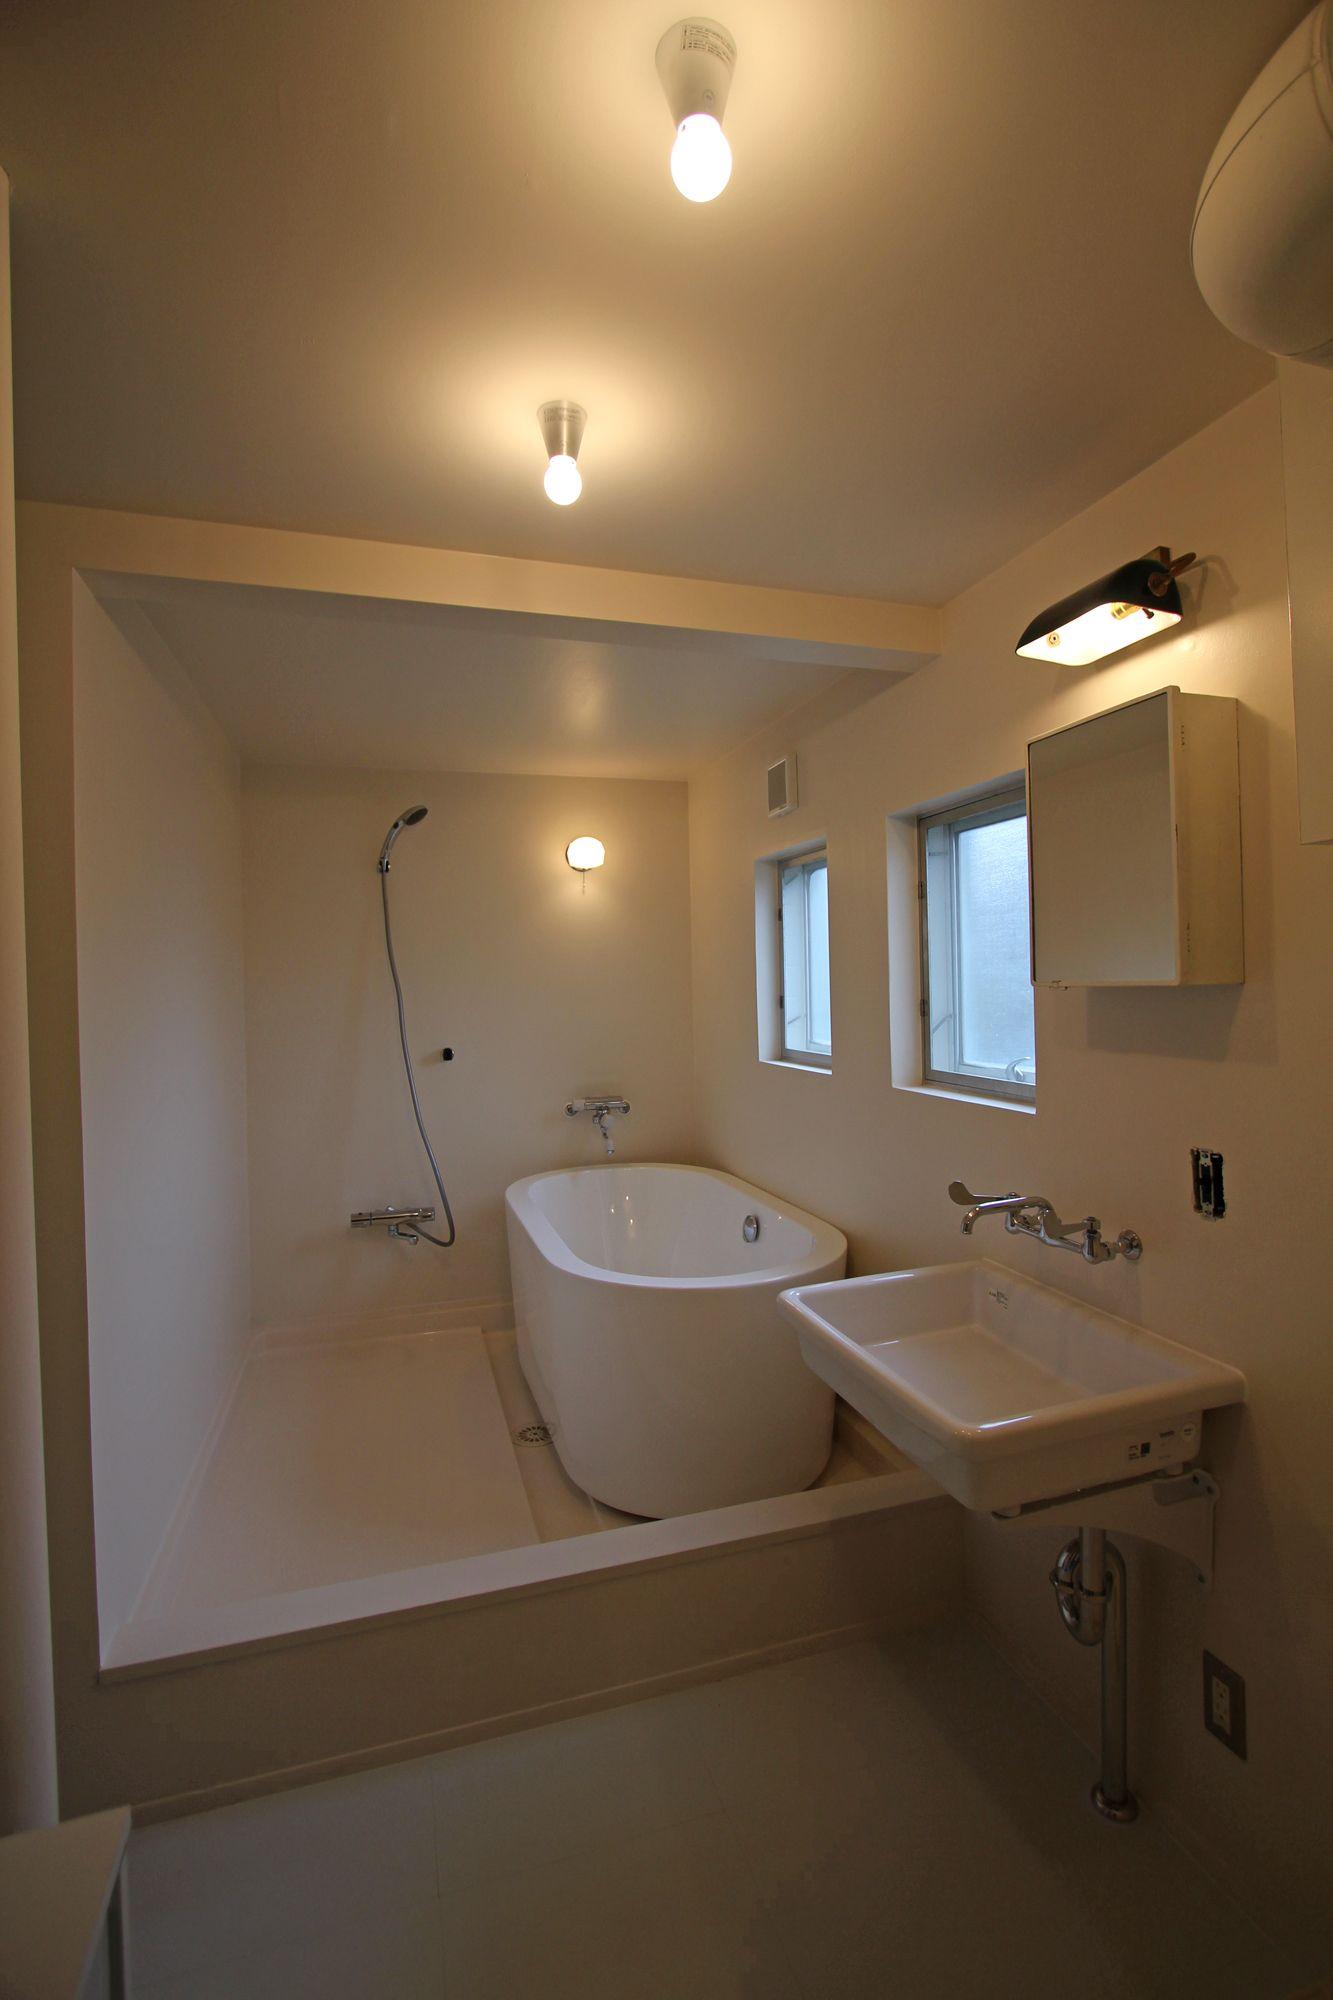 リノベーションは 東京都目黒区の フィールドガレージへ Top バスルーム 浴槽 インテリア